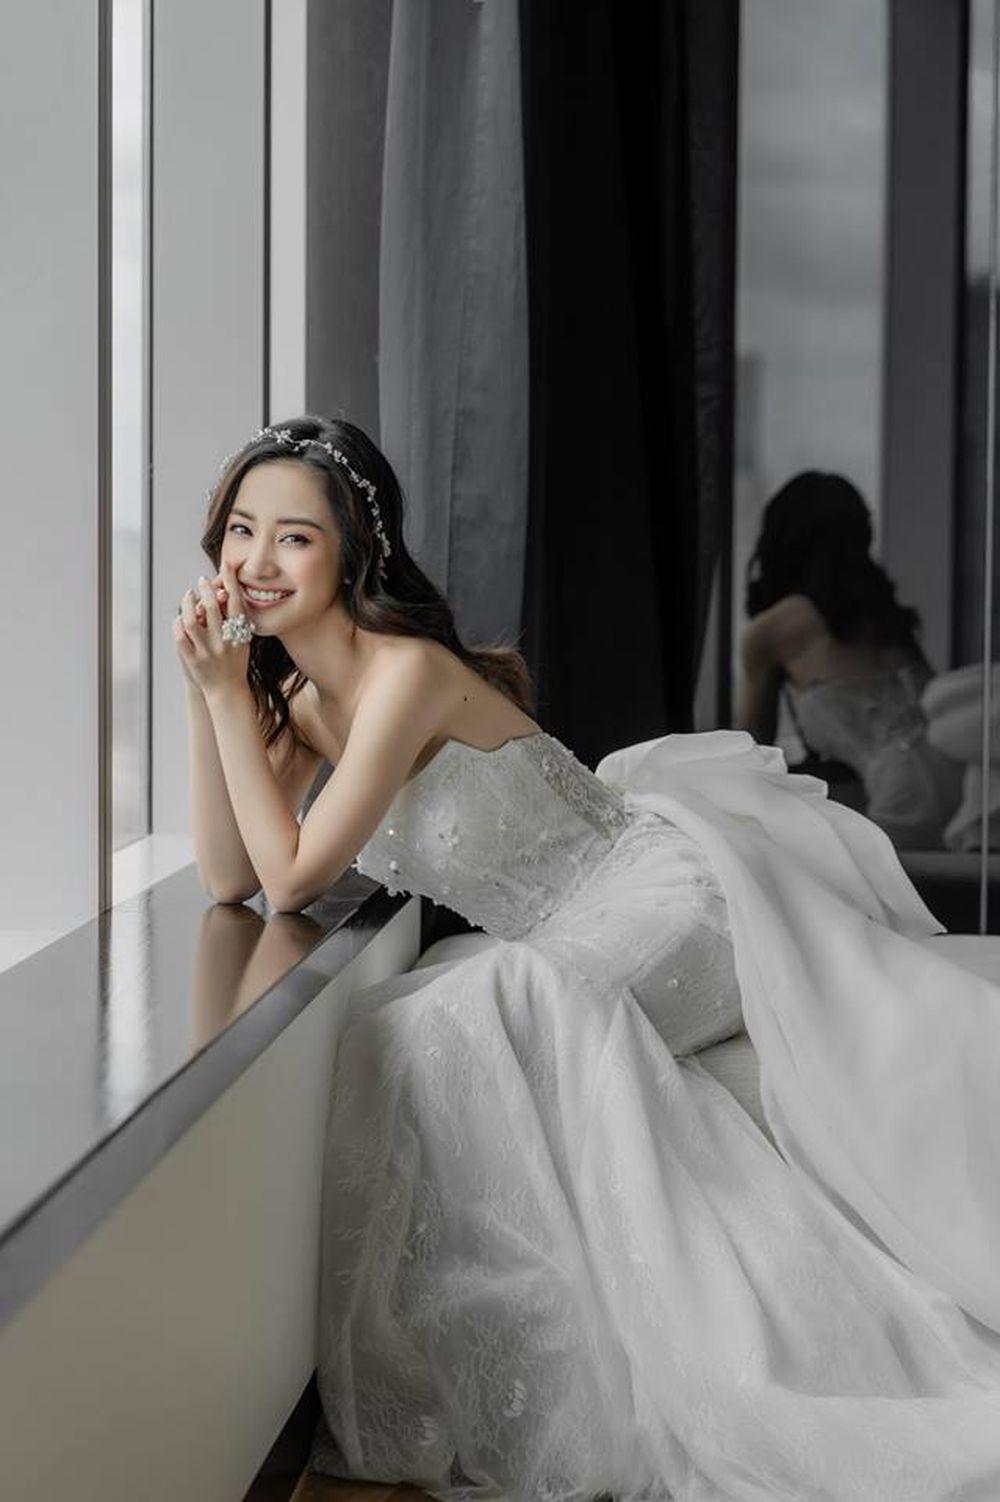 Jun Vũ ghi điểm với nụ cười tỏa nắng rạng rỡ. Gợi cảm trong chiếc váy cưới dáng đuôi cá cúp ngực được điểm điểm xuyến bằng chiếc nơ to bản.